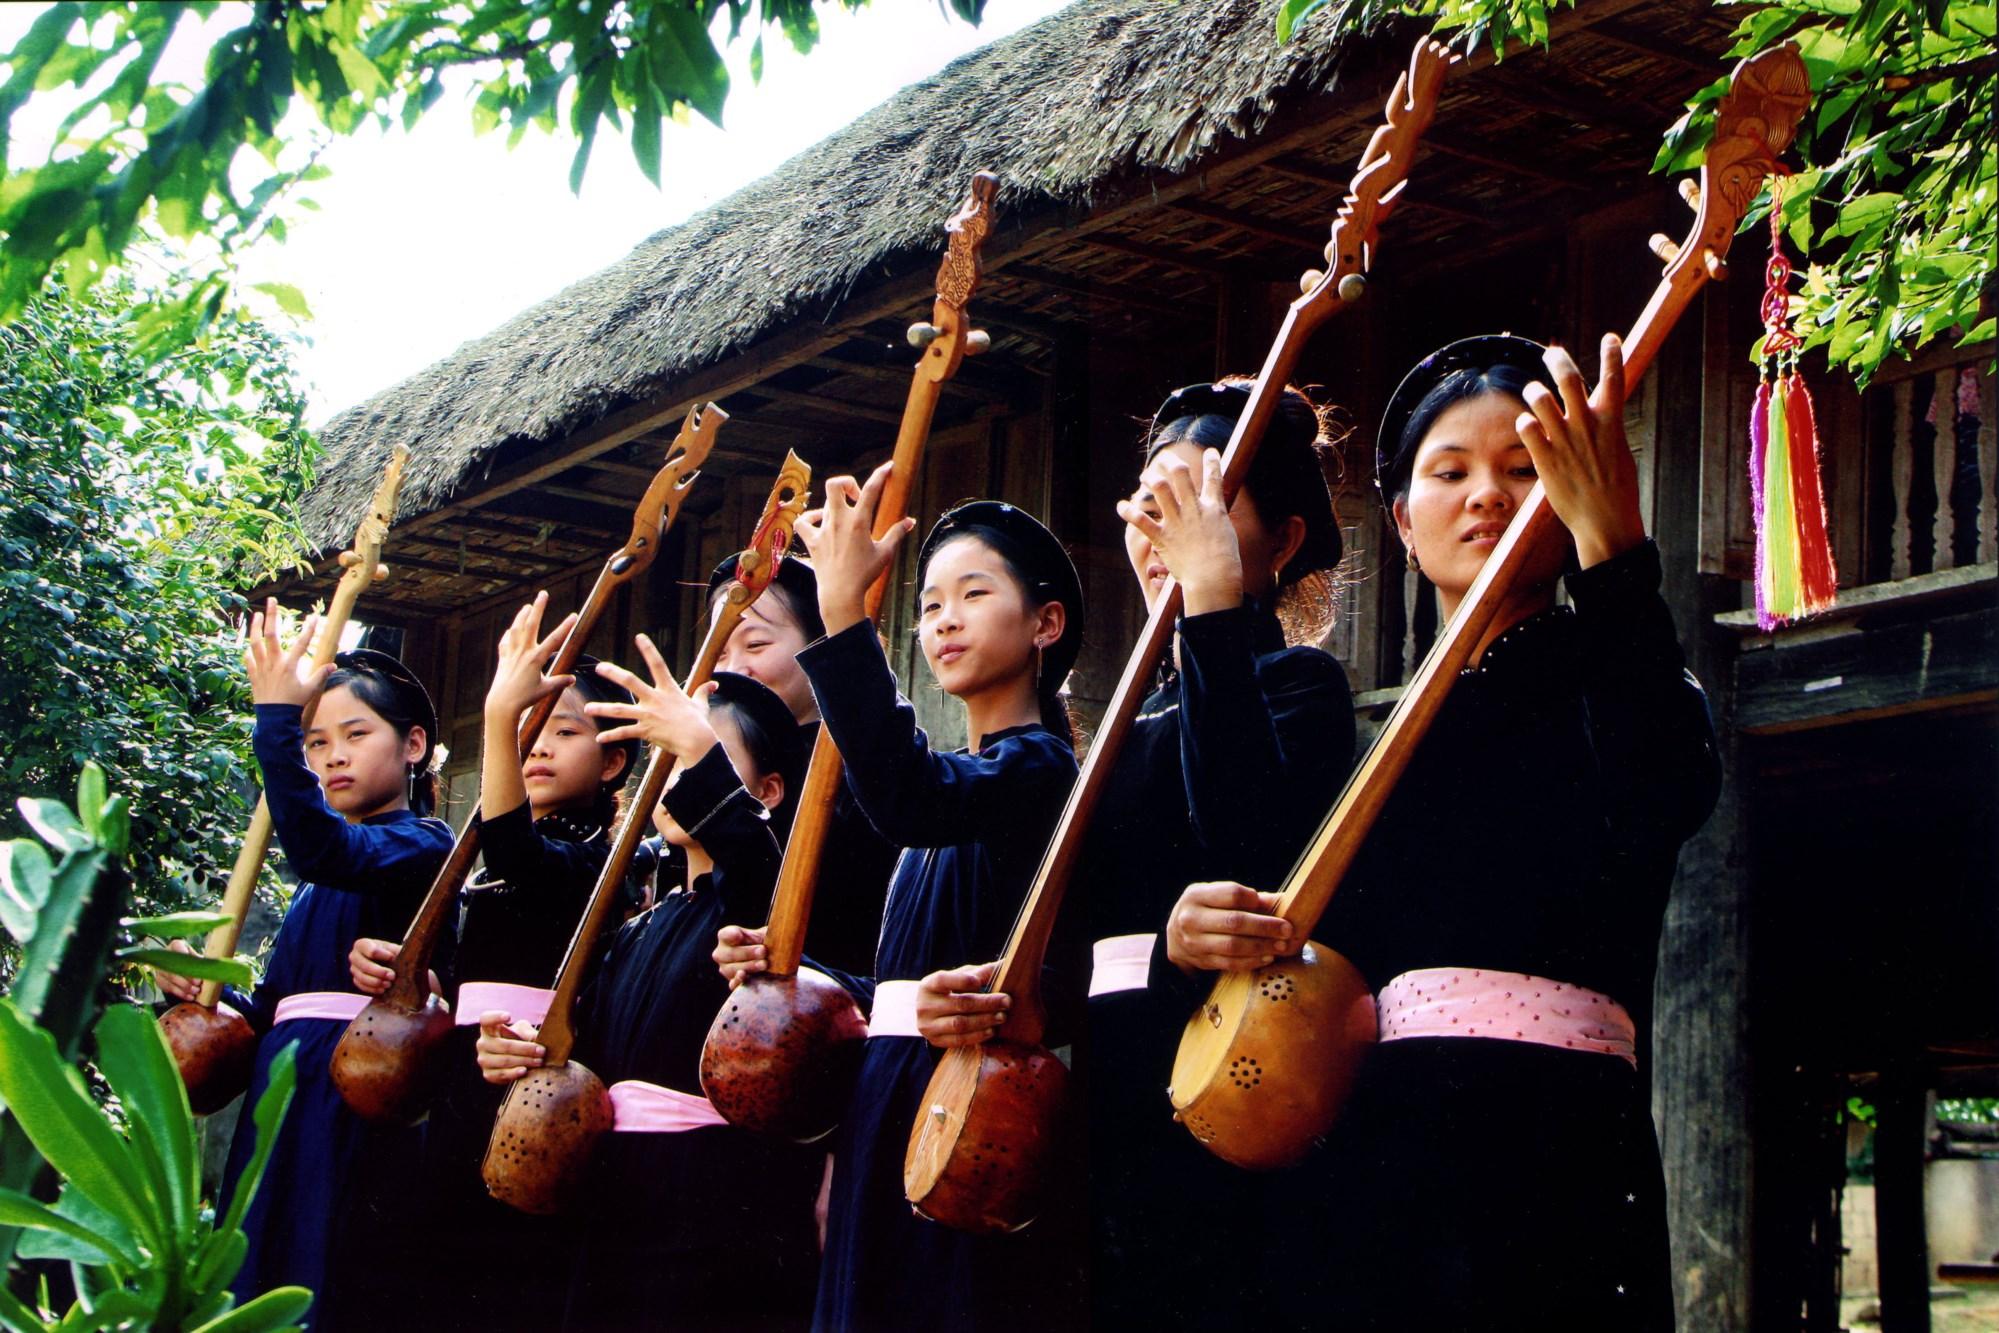 Thực hành Then của dân tộc Tày, Nùng, Thái Việt Nam được UNESCO công nhận là di sản văn hóa phi vật thể đại diện của nhân loại.